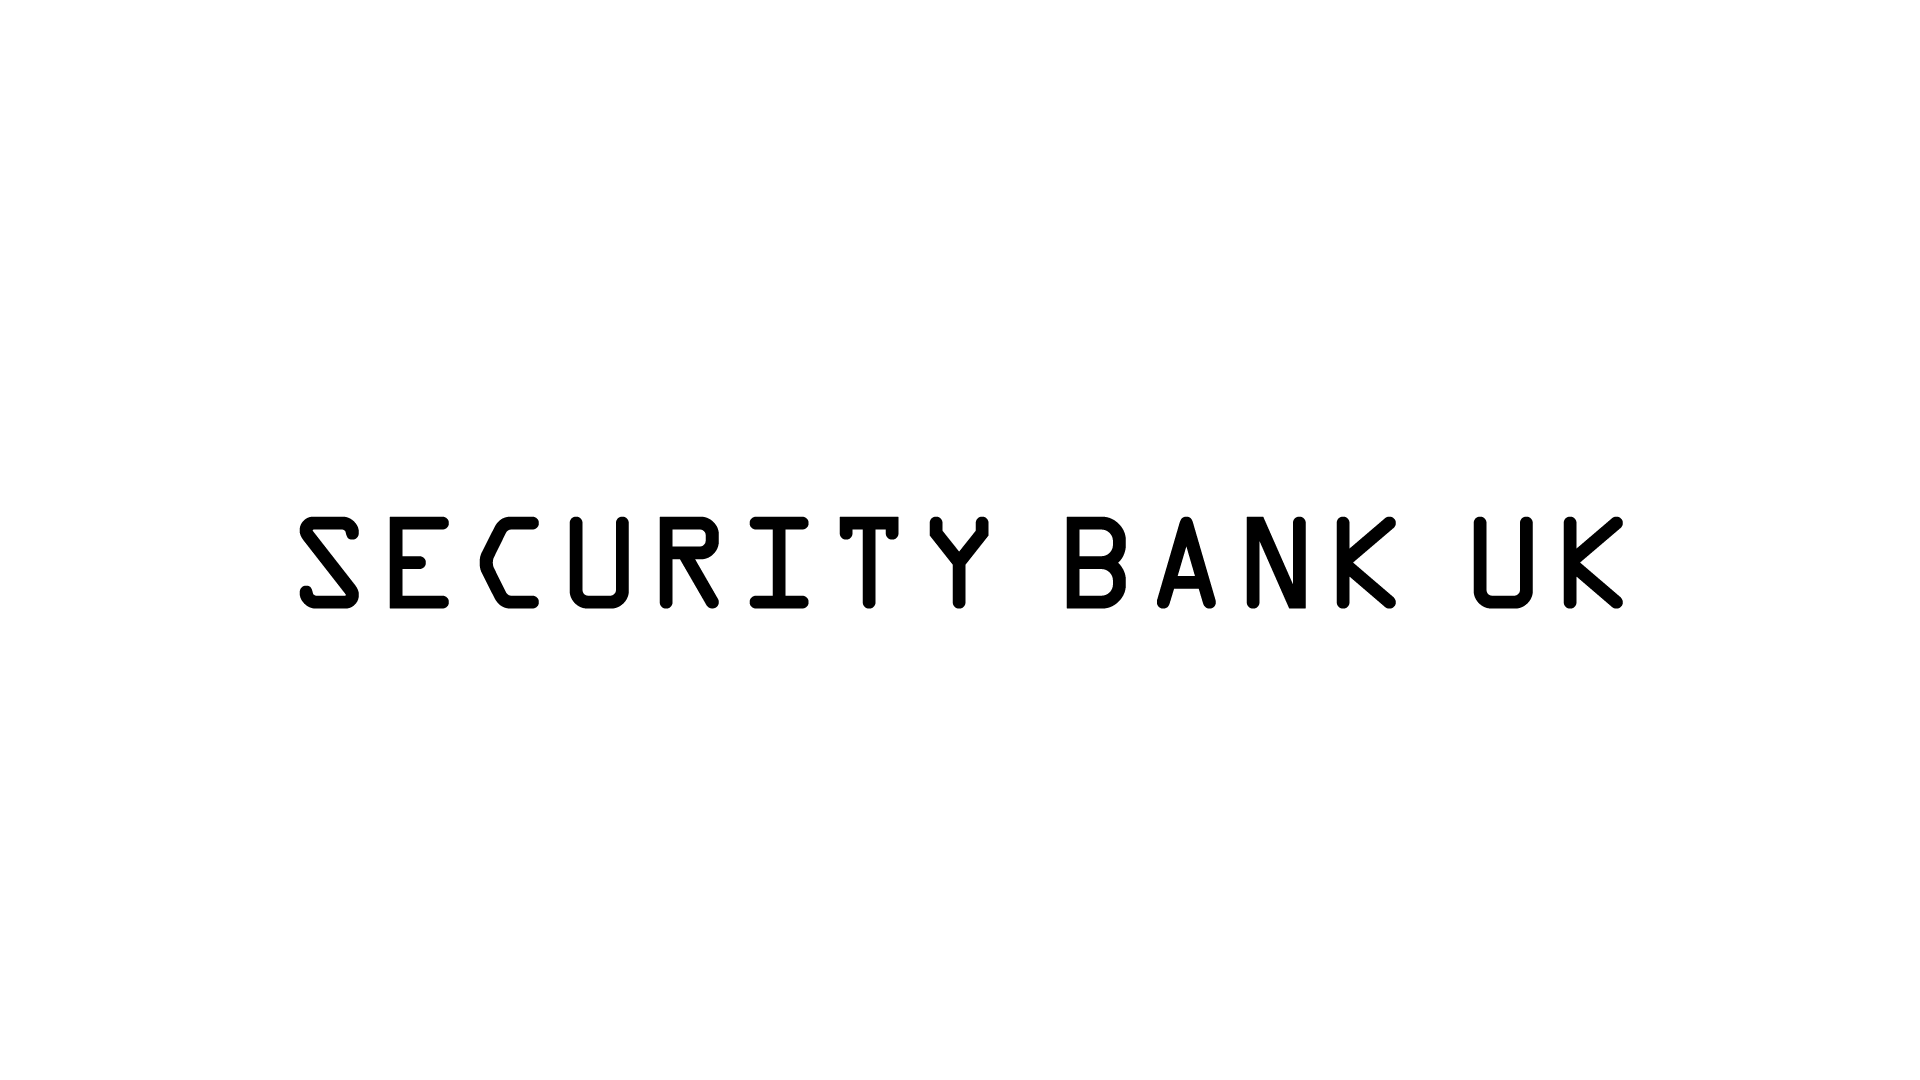 Security Bank UK